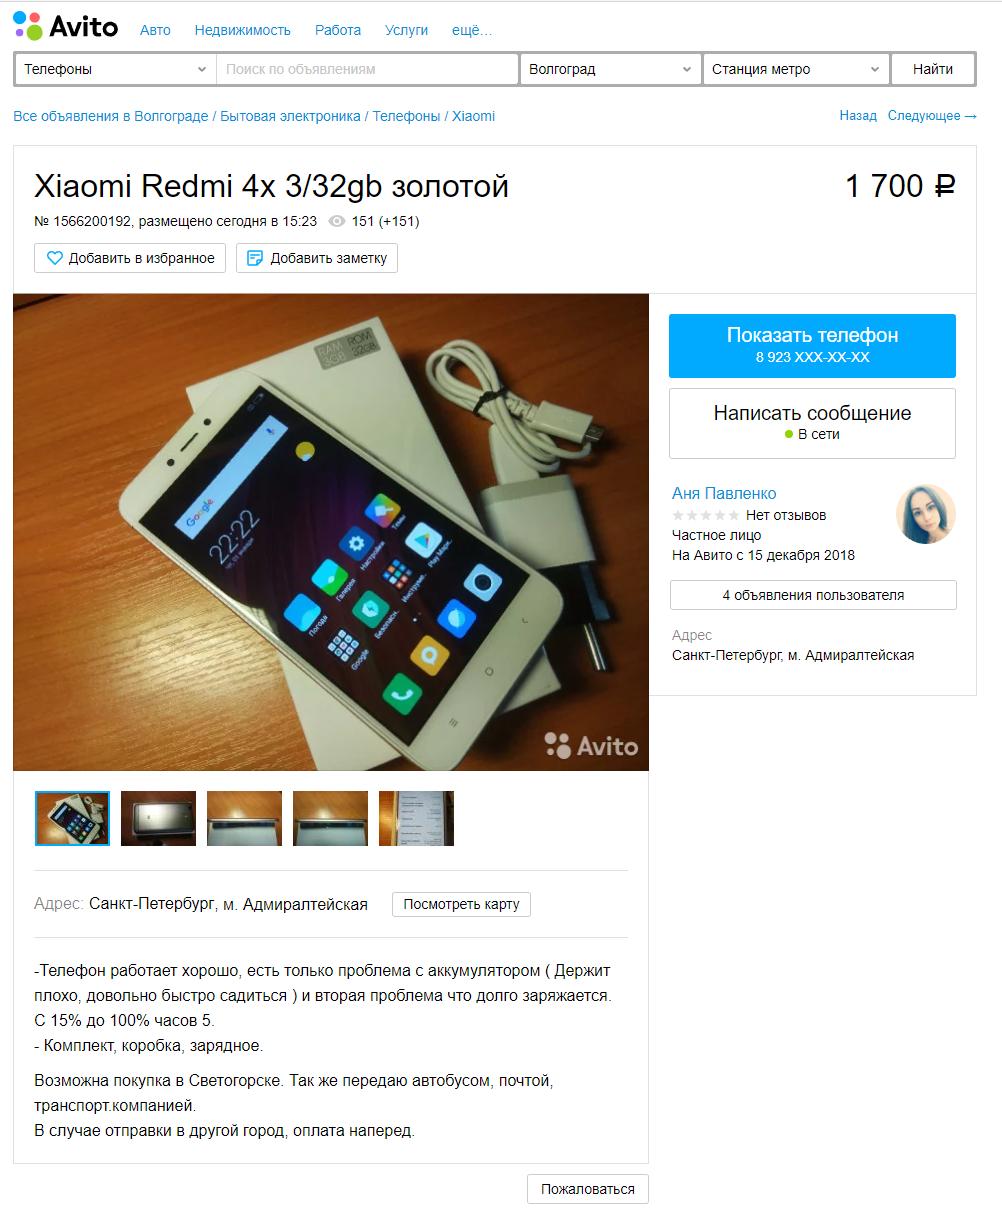 ddd1b591 Авито мошенники с телефонами Xiaomi, Meizu и не только. Пример.